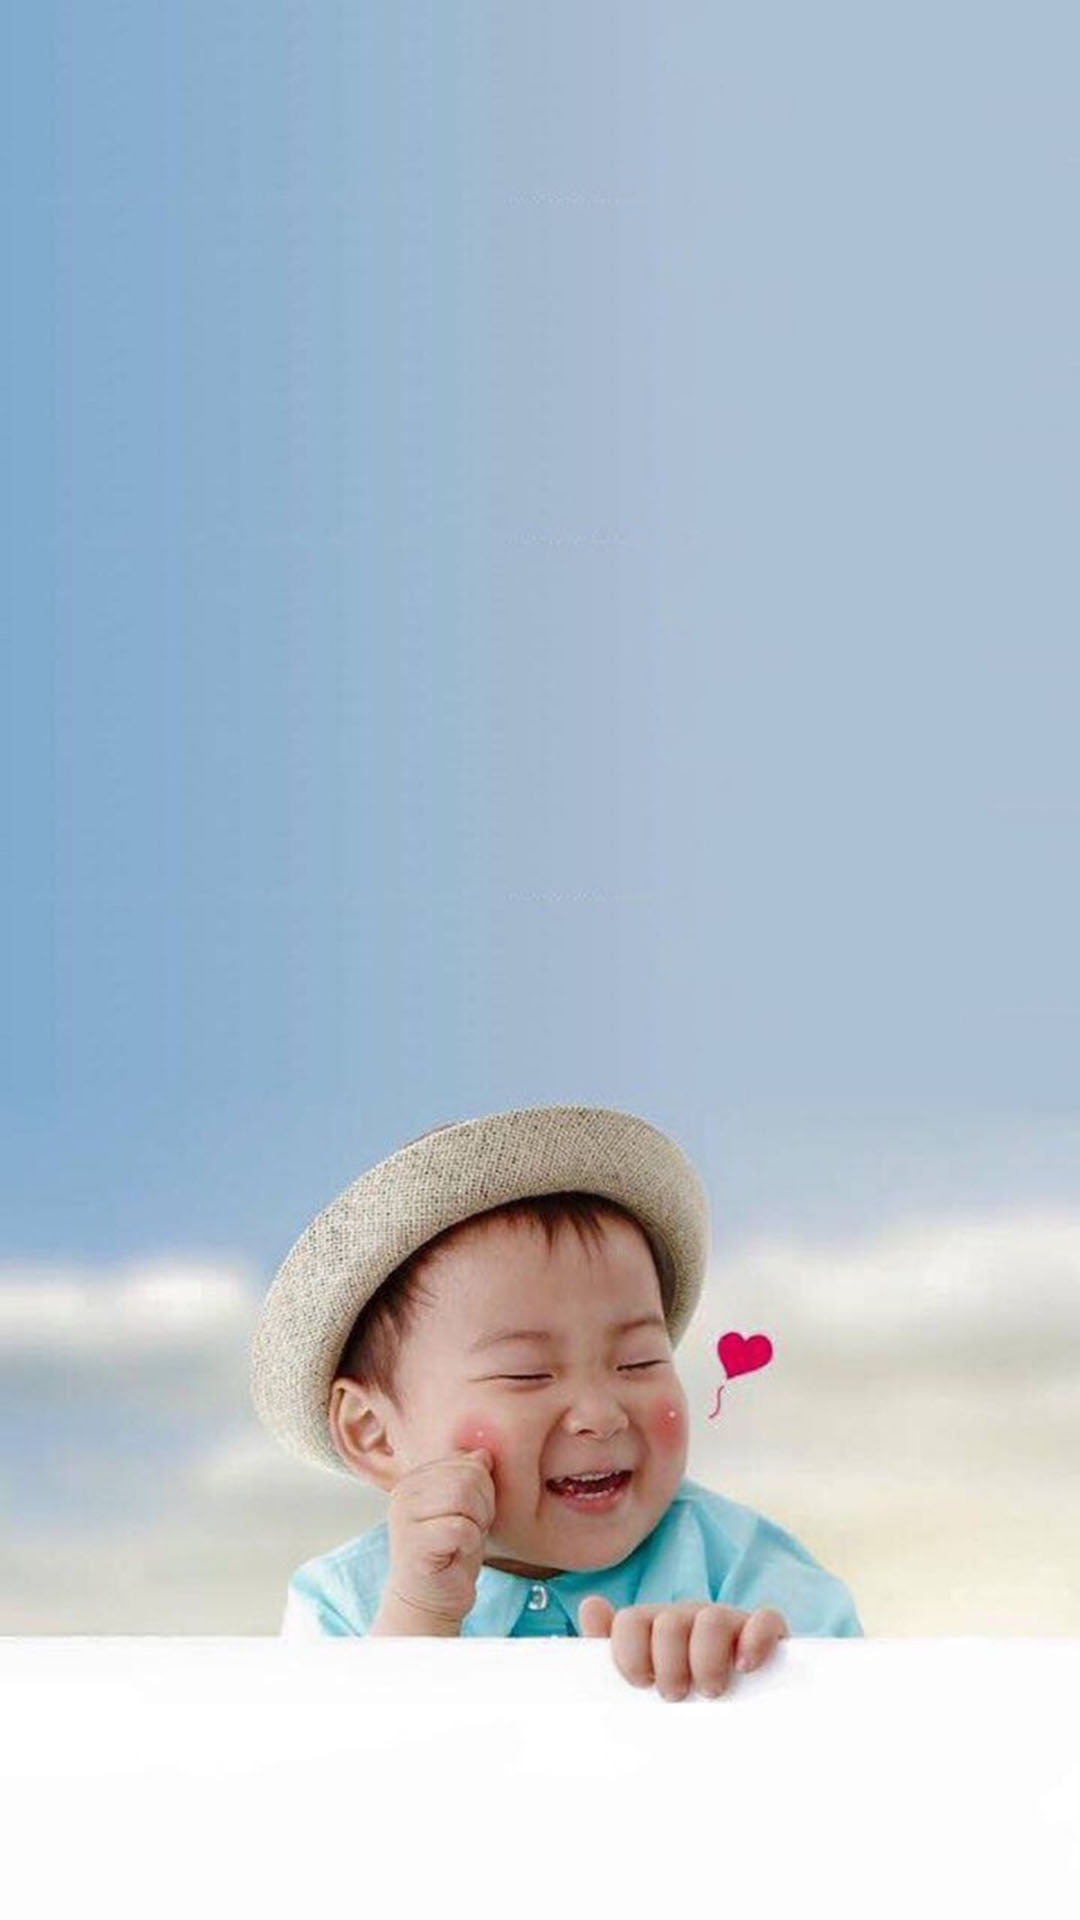 电脑上wap网:可爱 宋民国 韩国 苹果手机高清壁纸 1080x1920_爱思助手